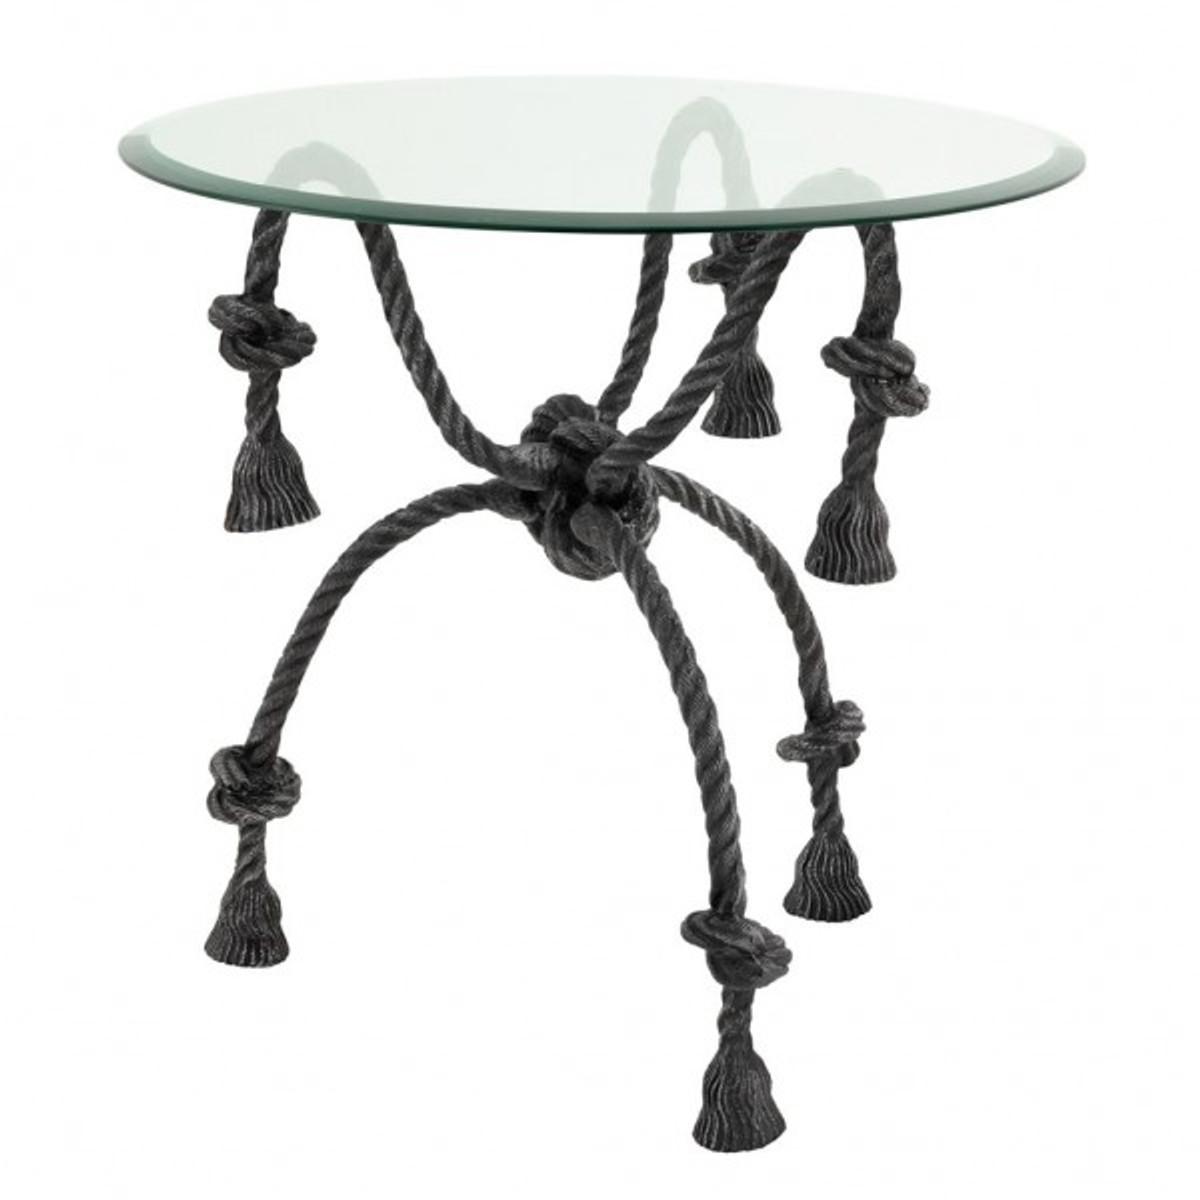 Bezaubernd Beistelltisch Metall Glas Dekoration Von Casa Padrino / Eil Optik - Tisch